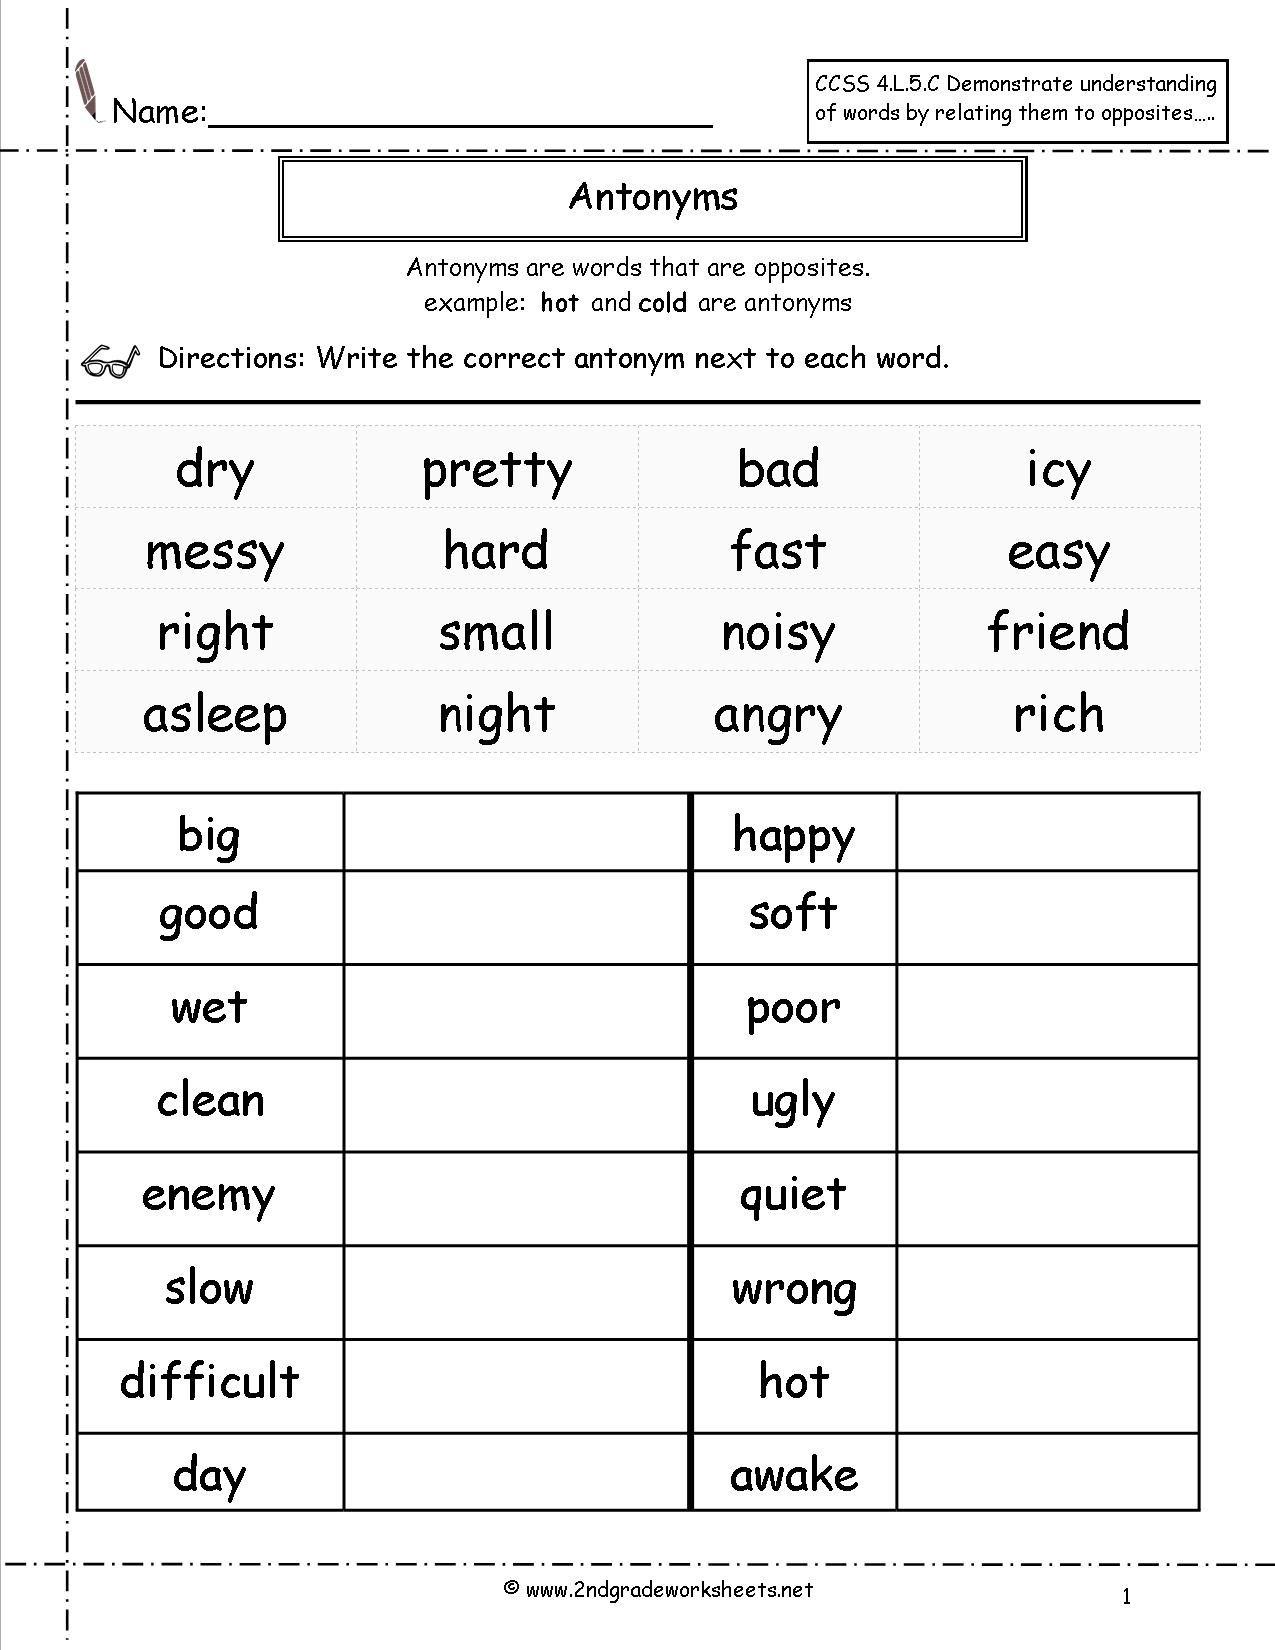 antonyms worksheet | Reading/Spelling/Writing | Pinterest ...